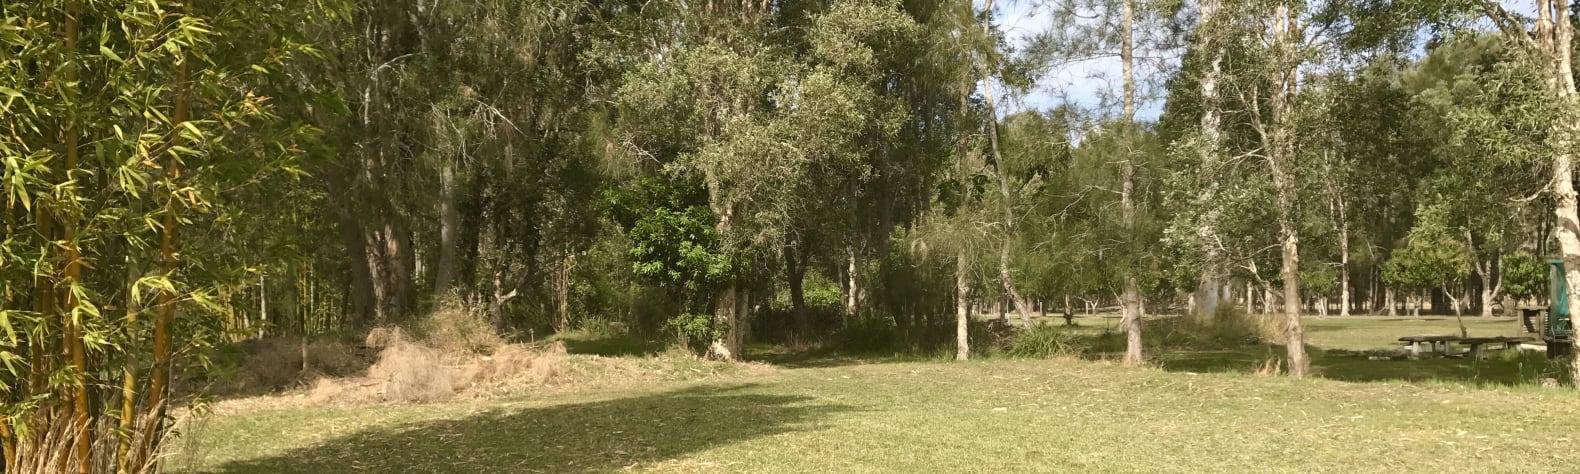 Davrae Park Freecamping sites (no toilet/shower)